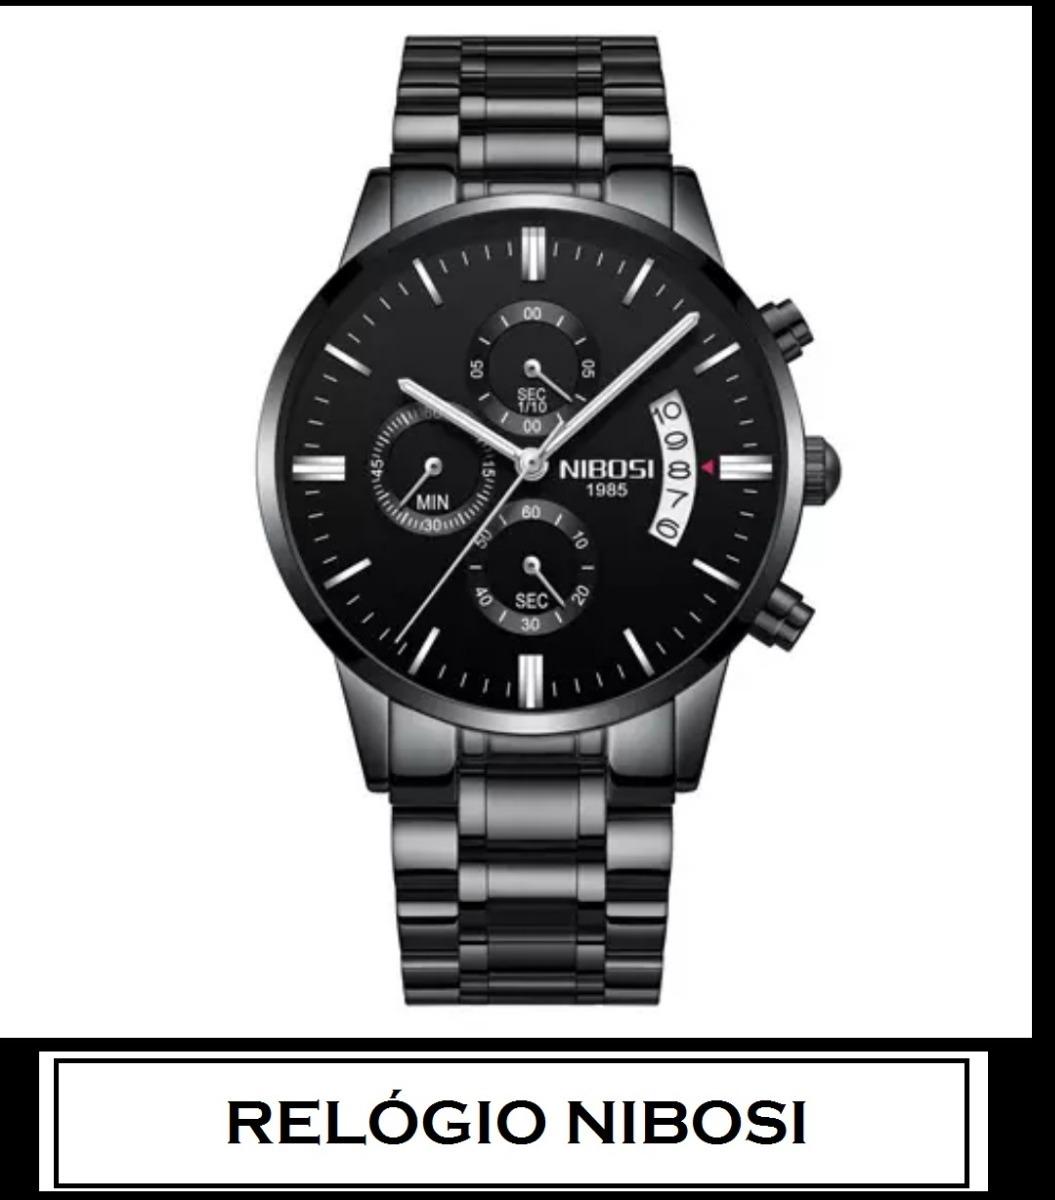 5da2981e6a9 Relogio Nibosi Barato Especial Preto Ponteiro Prata - R  152